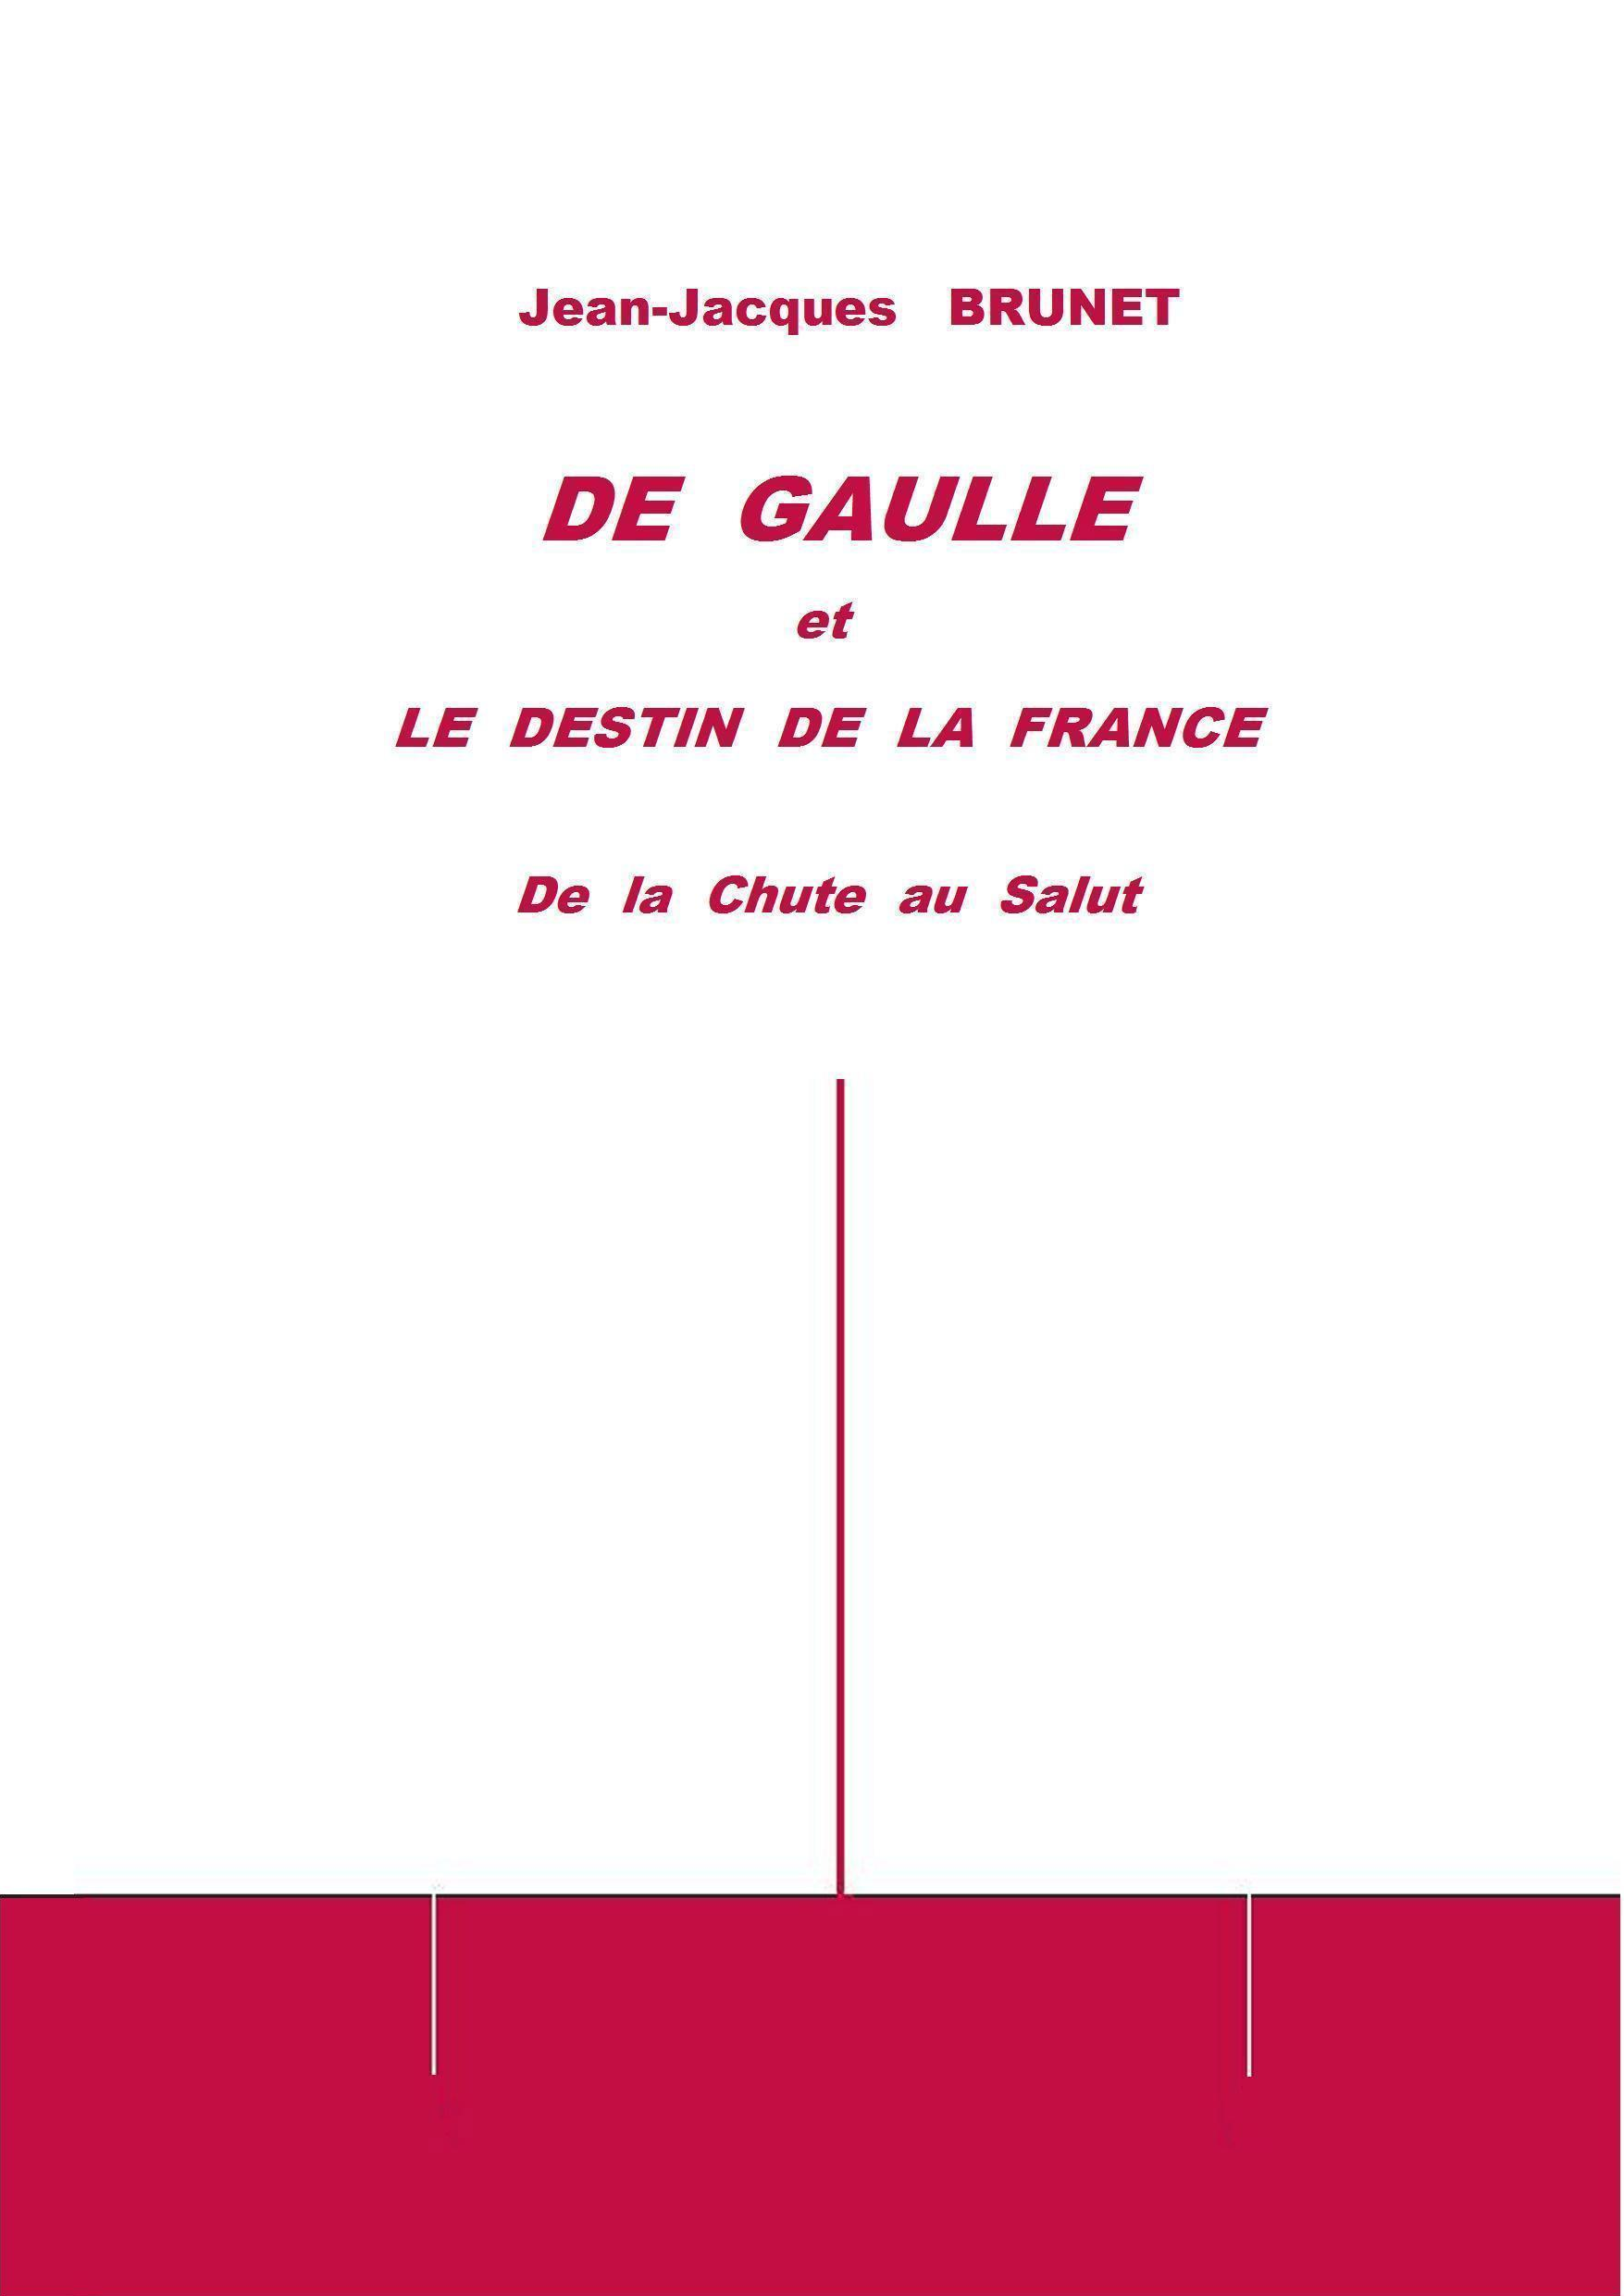 De Gaulle et le destin de la France